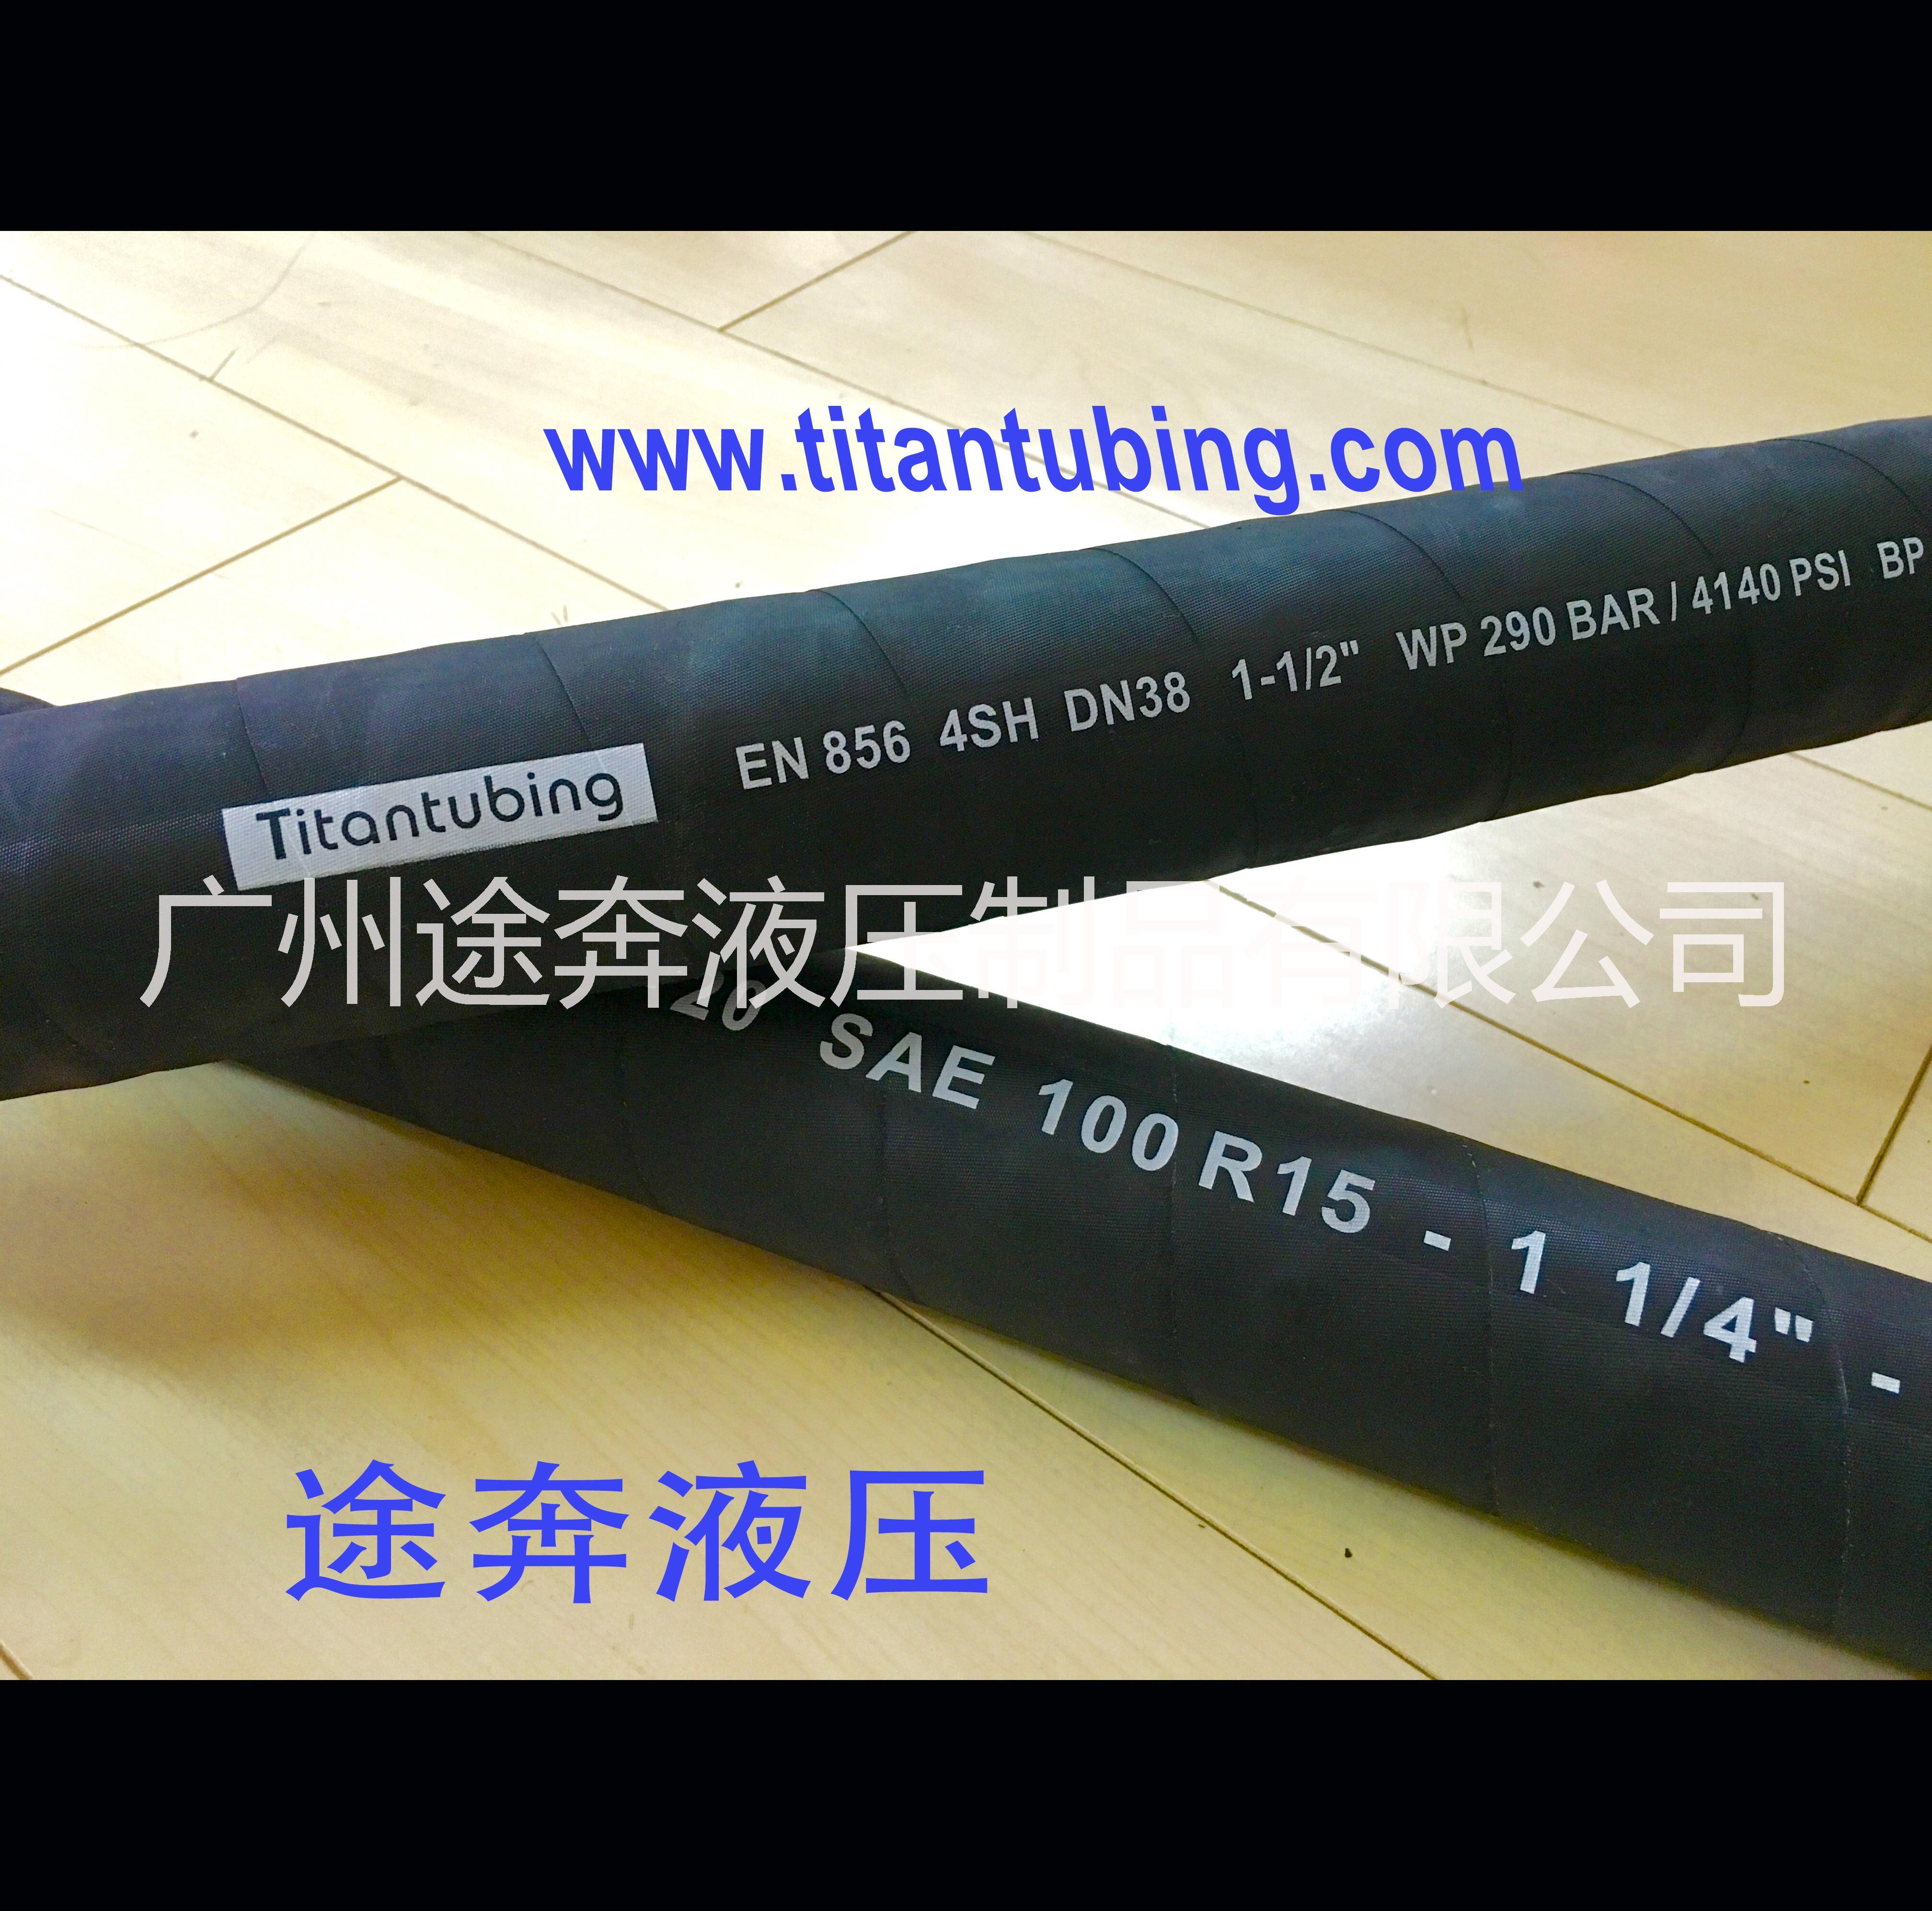 耐油胶管SAE100R6 高压橡胶管,棉线胶管,耐油胶管, 德标钢丝编织橡胶管